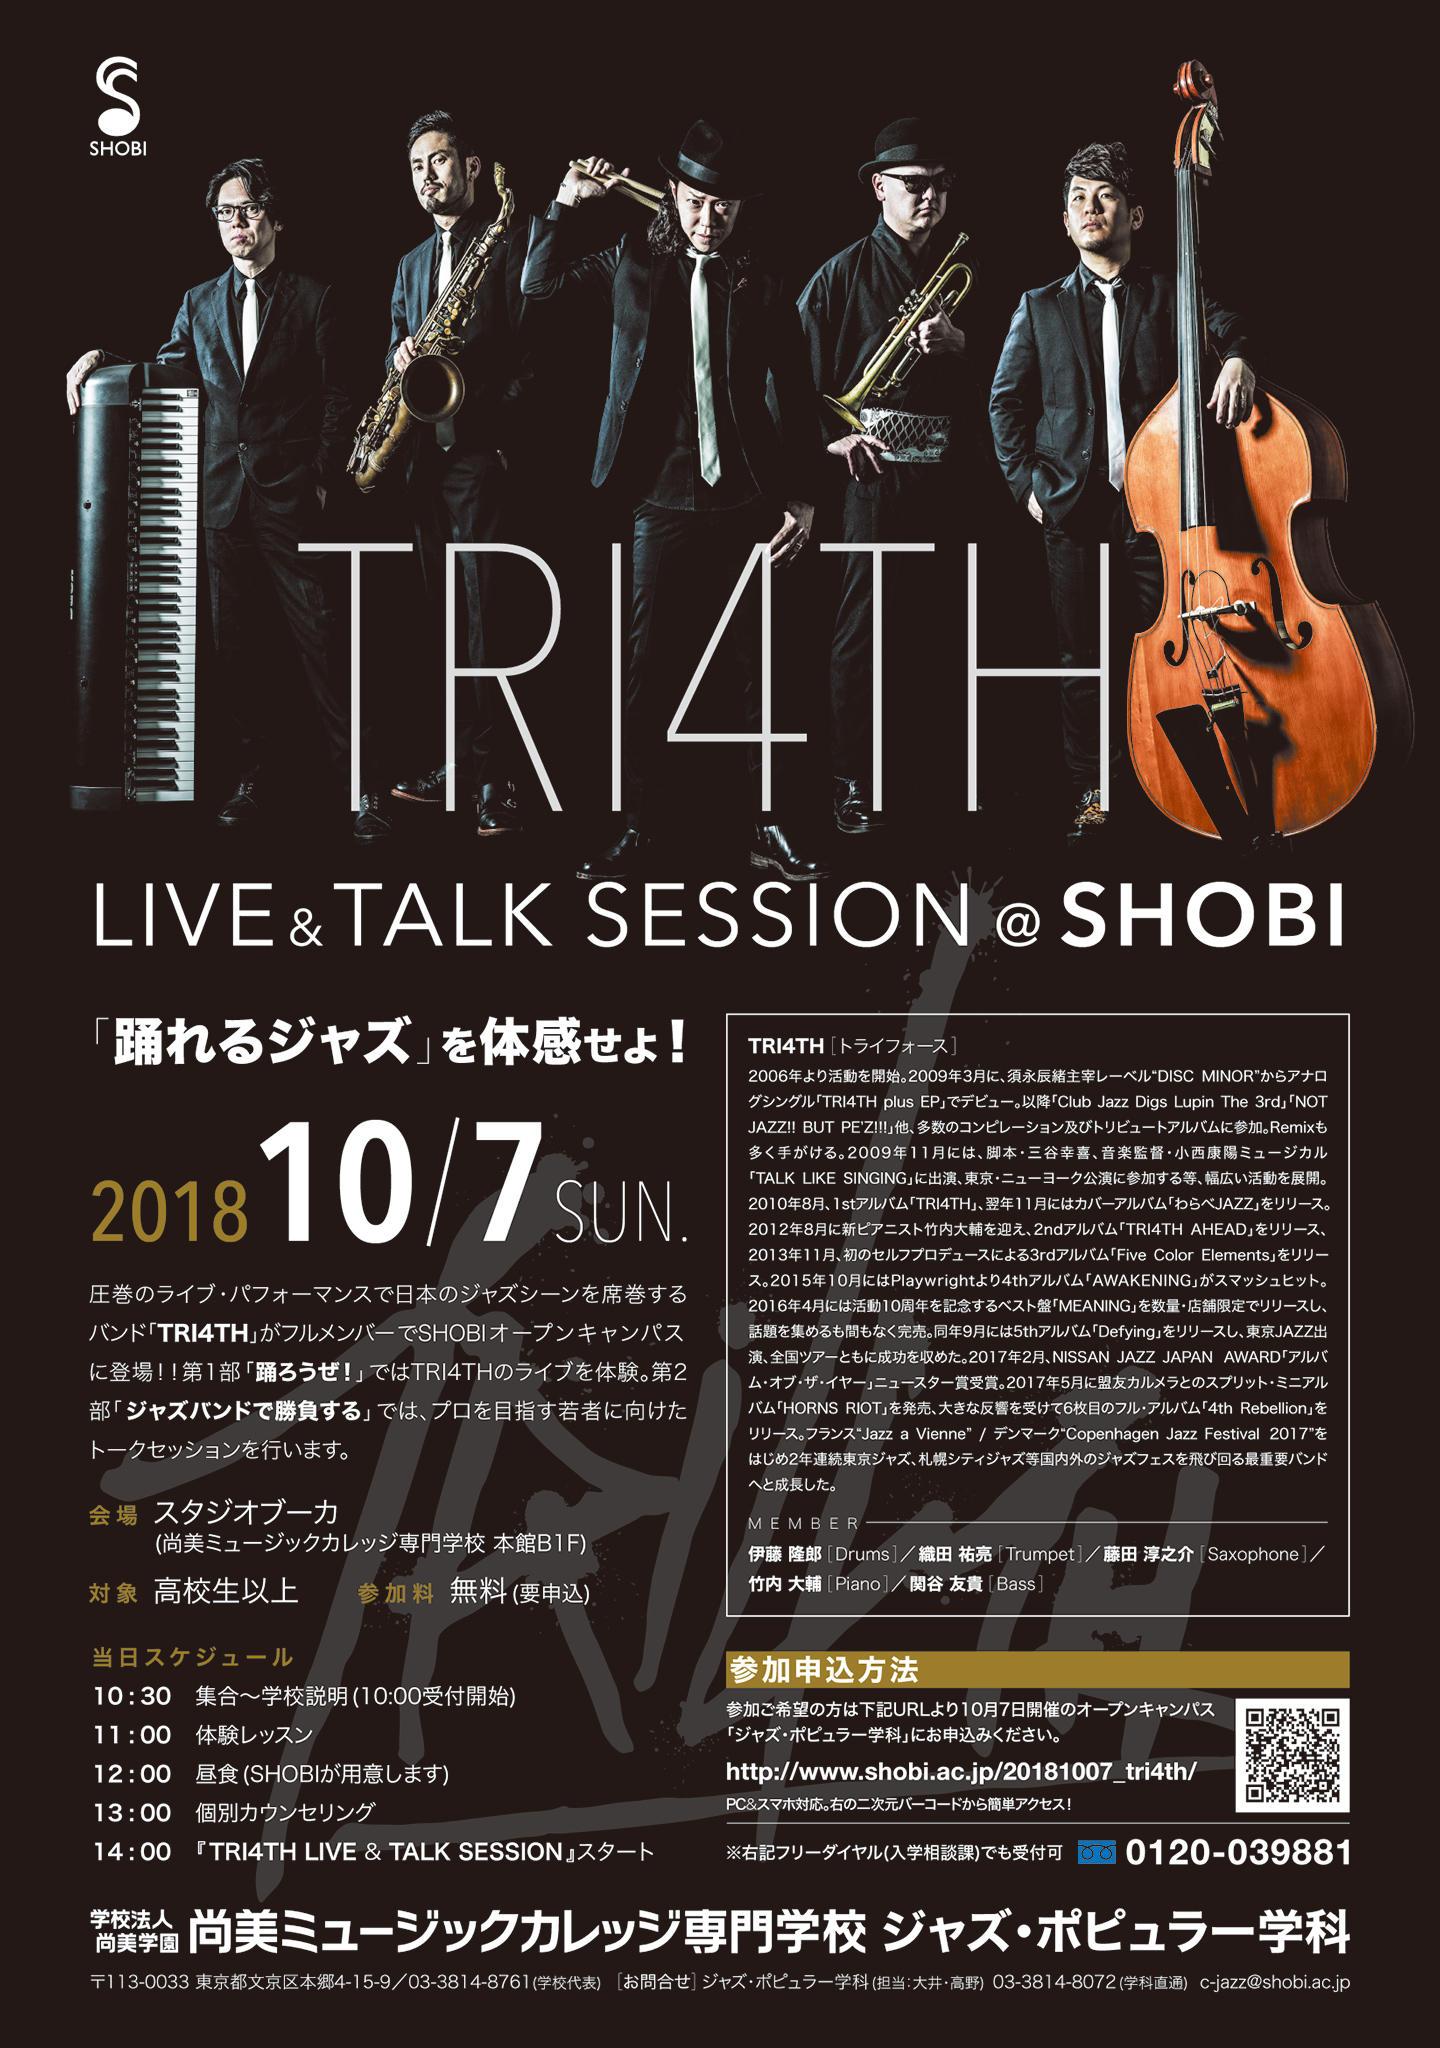 【10月7日開催】「踊れるジャズ」を体感せよ!「TRI4TH LIVE&TALK SESSION@SHOBI」